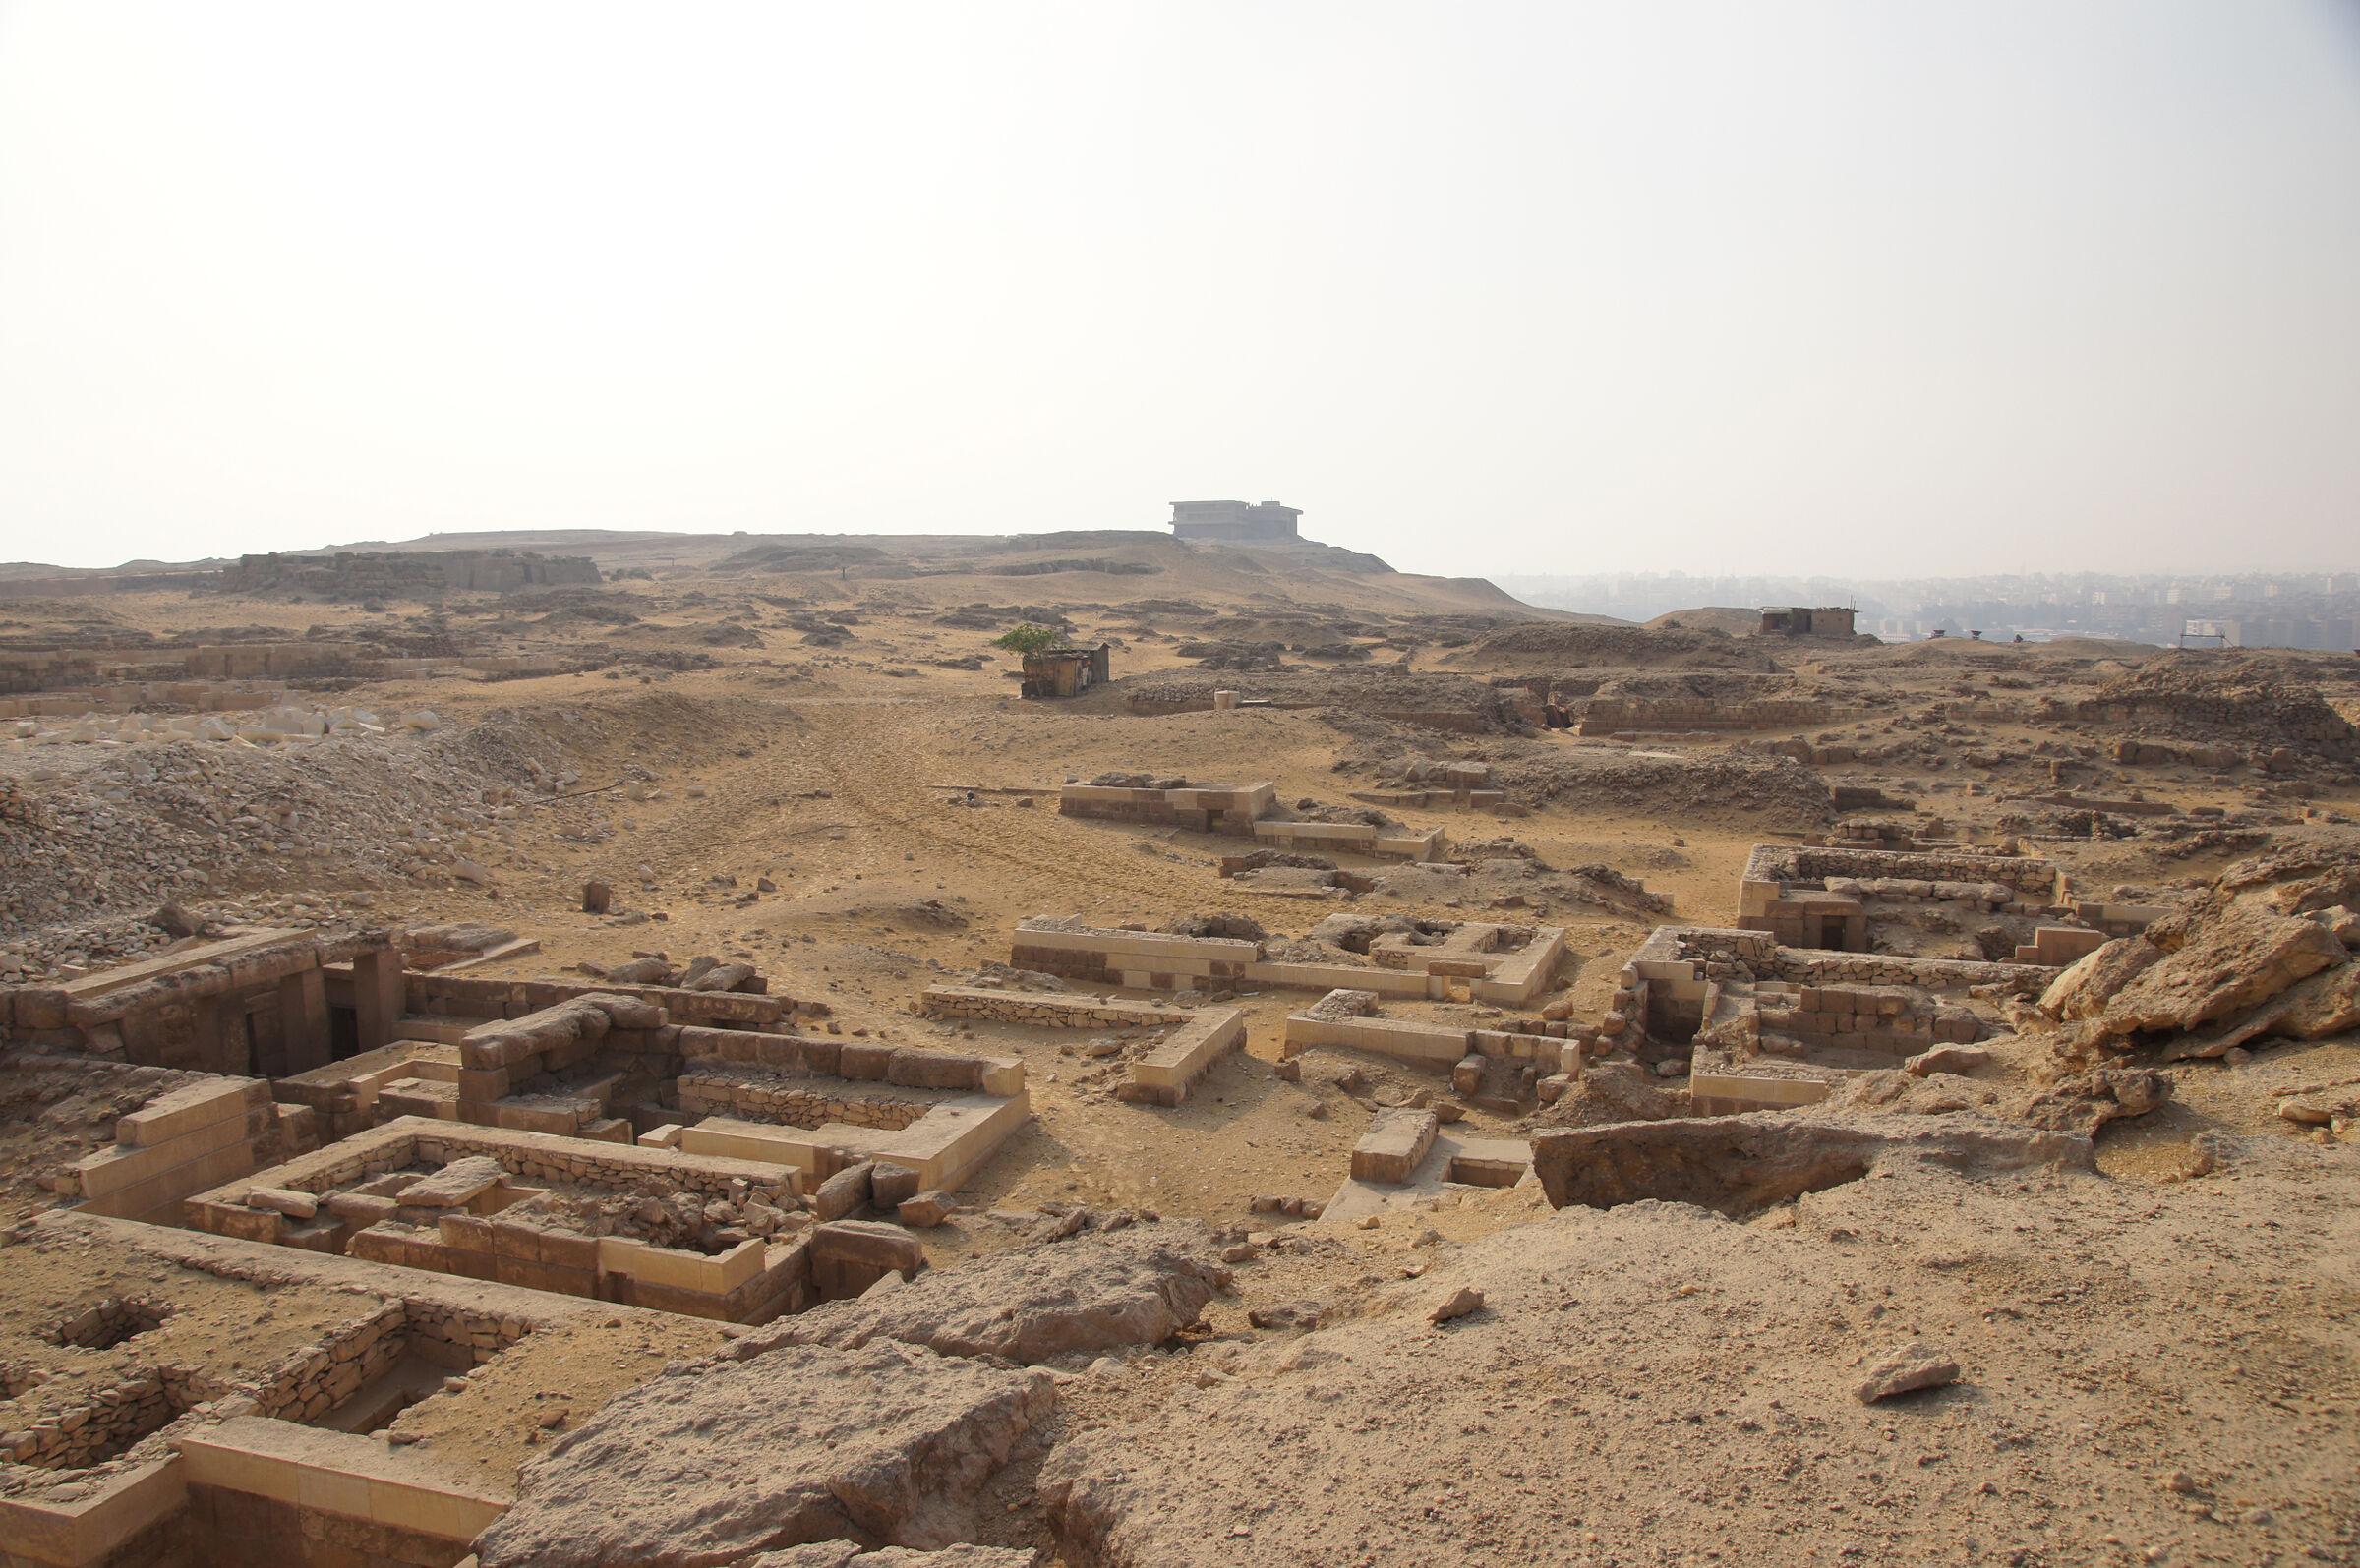 Western Cemetery: Site: Giza; View: D 202, D 210, D 203, D 208, D 209, D 204, D 207, D 205, G 1010, G 1011, G 1012, G 1015, G 1014, G 1016, G 1018, D 82+82 A